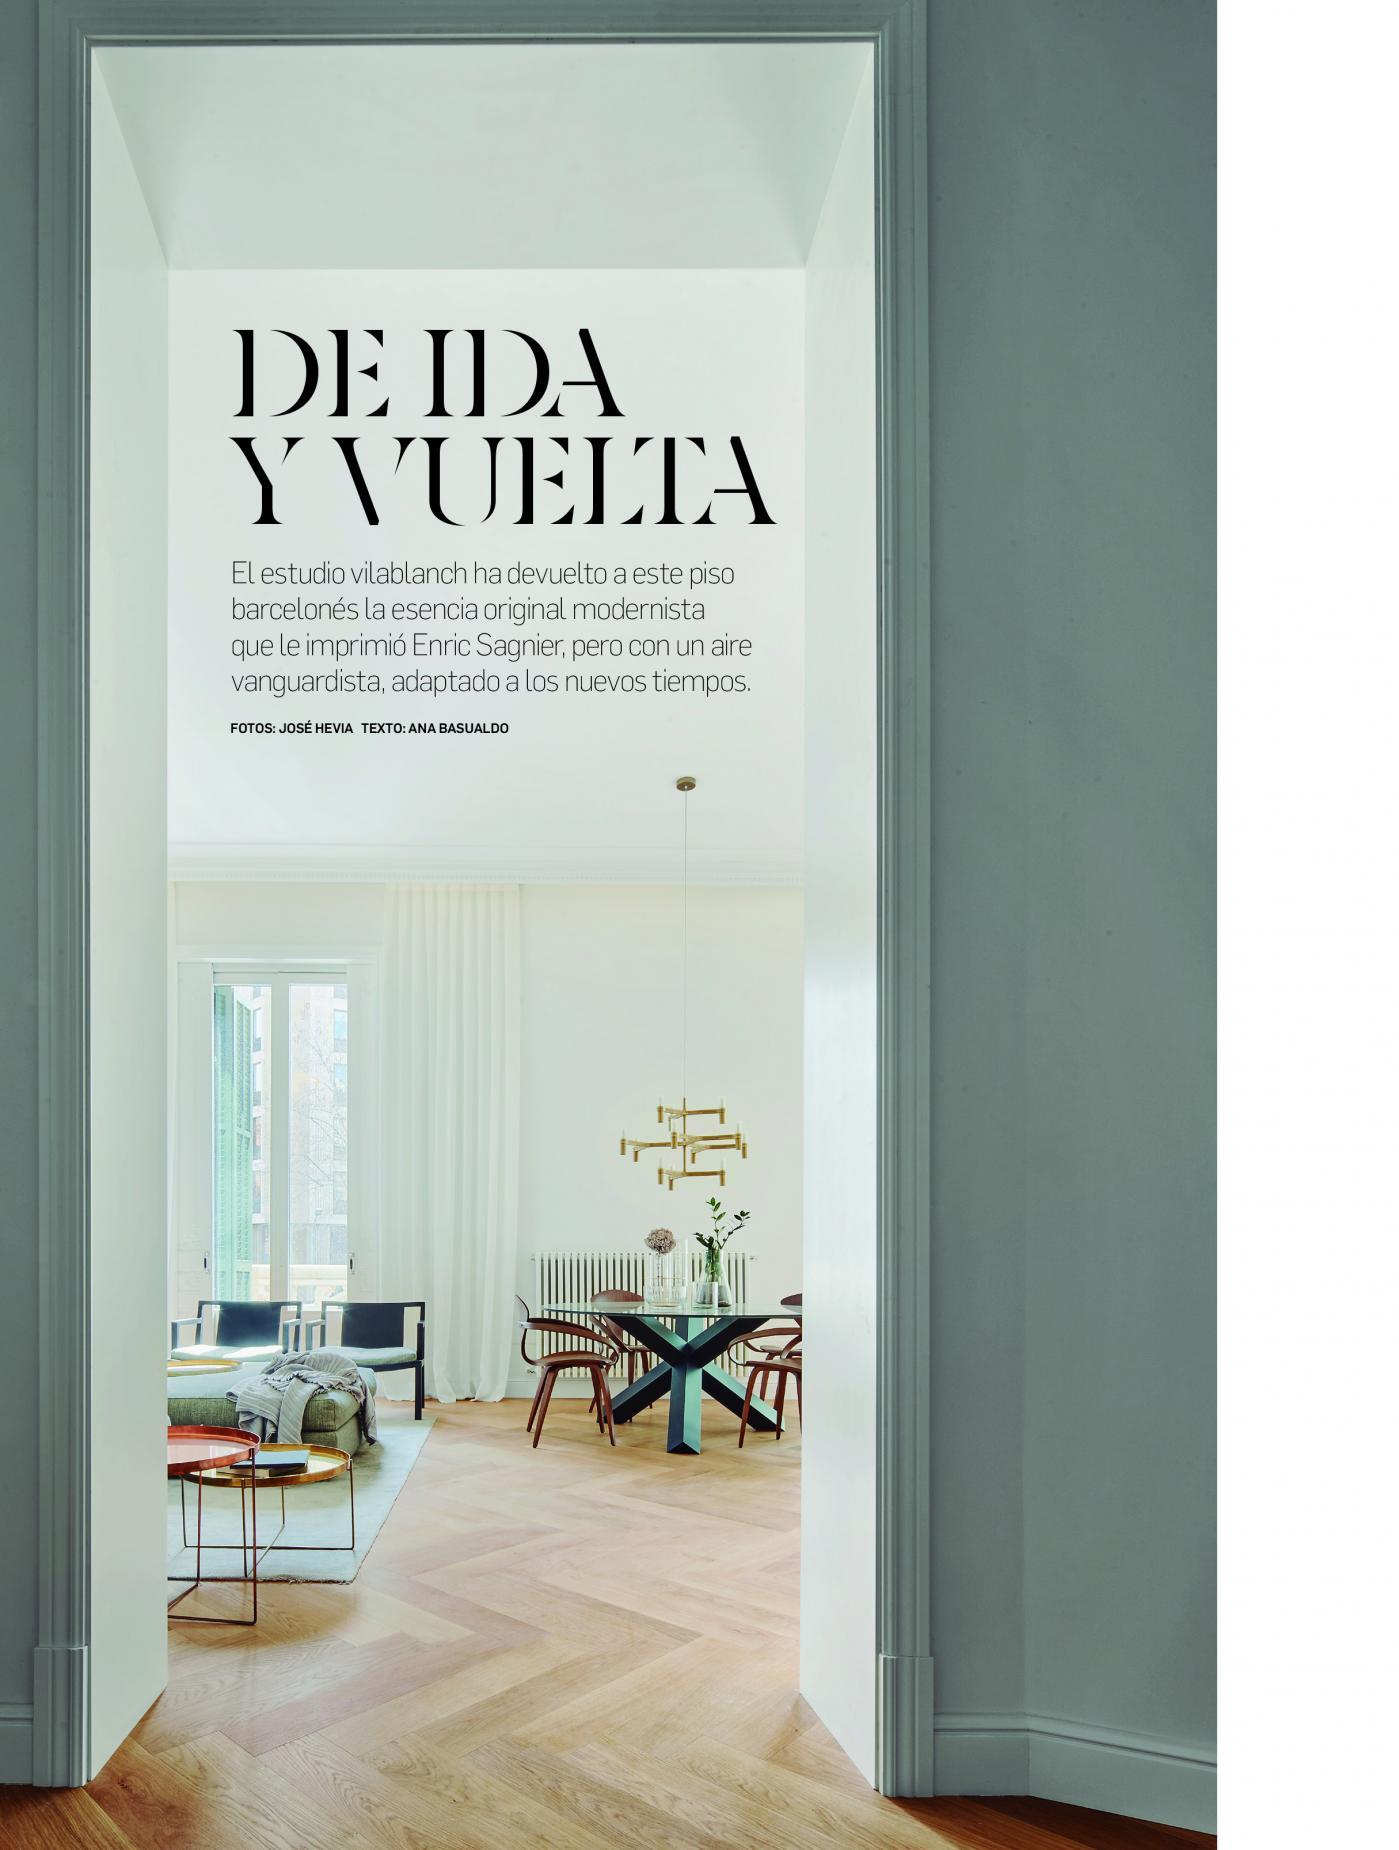 Proyecto vilablanch edificio sagnier barcelona en revista Arquitectura y Diseaño